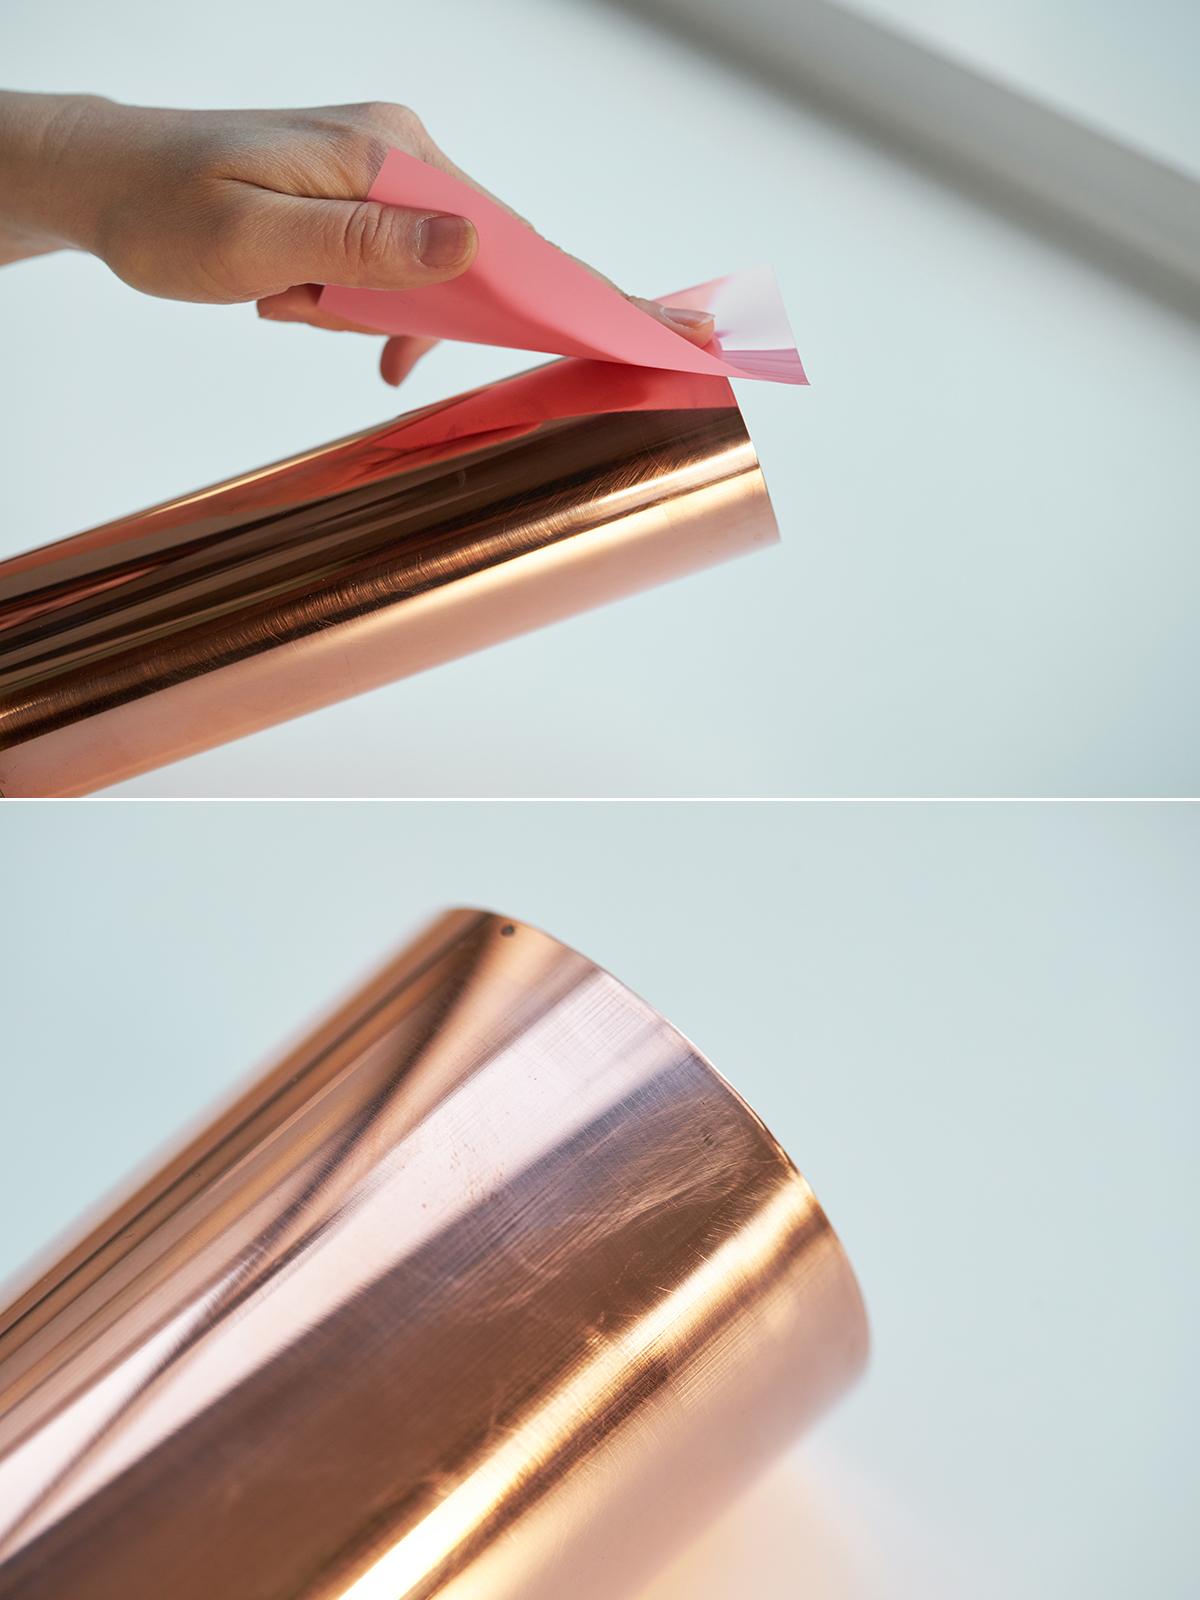 おすすめの定期的なメンテナンス。「紙ヤスリ」で削った場合|無造作に挿すだけで「絵」になる、銅管の一輪挿し・花瓶・フラワーベース|BULBOUS